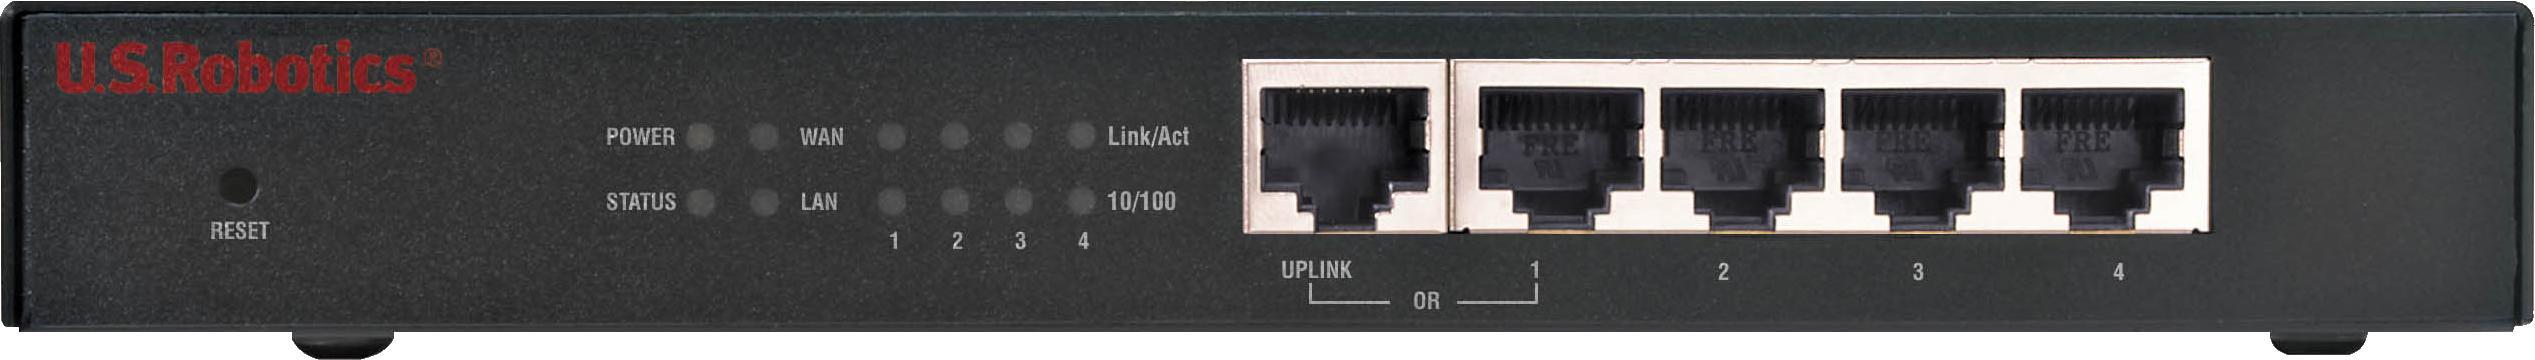 US Robotics USR8000A